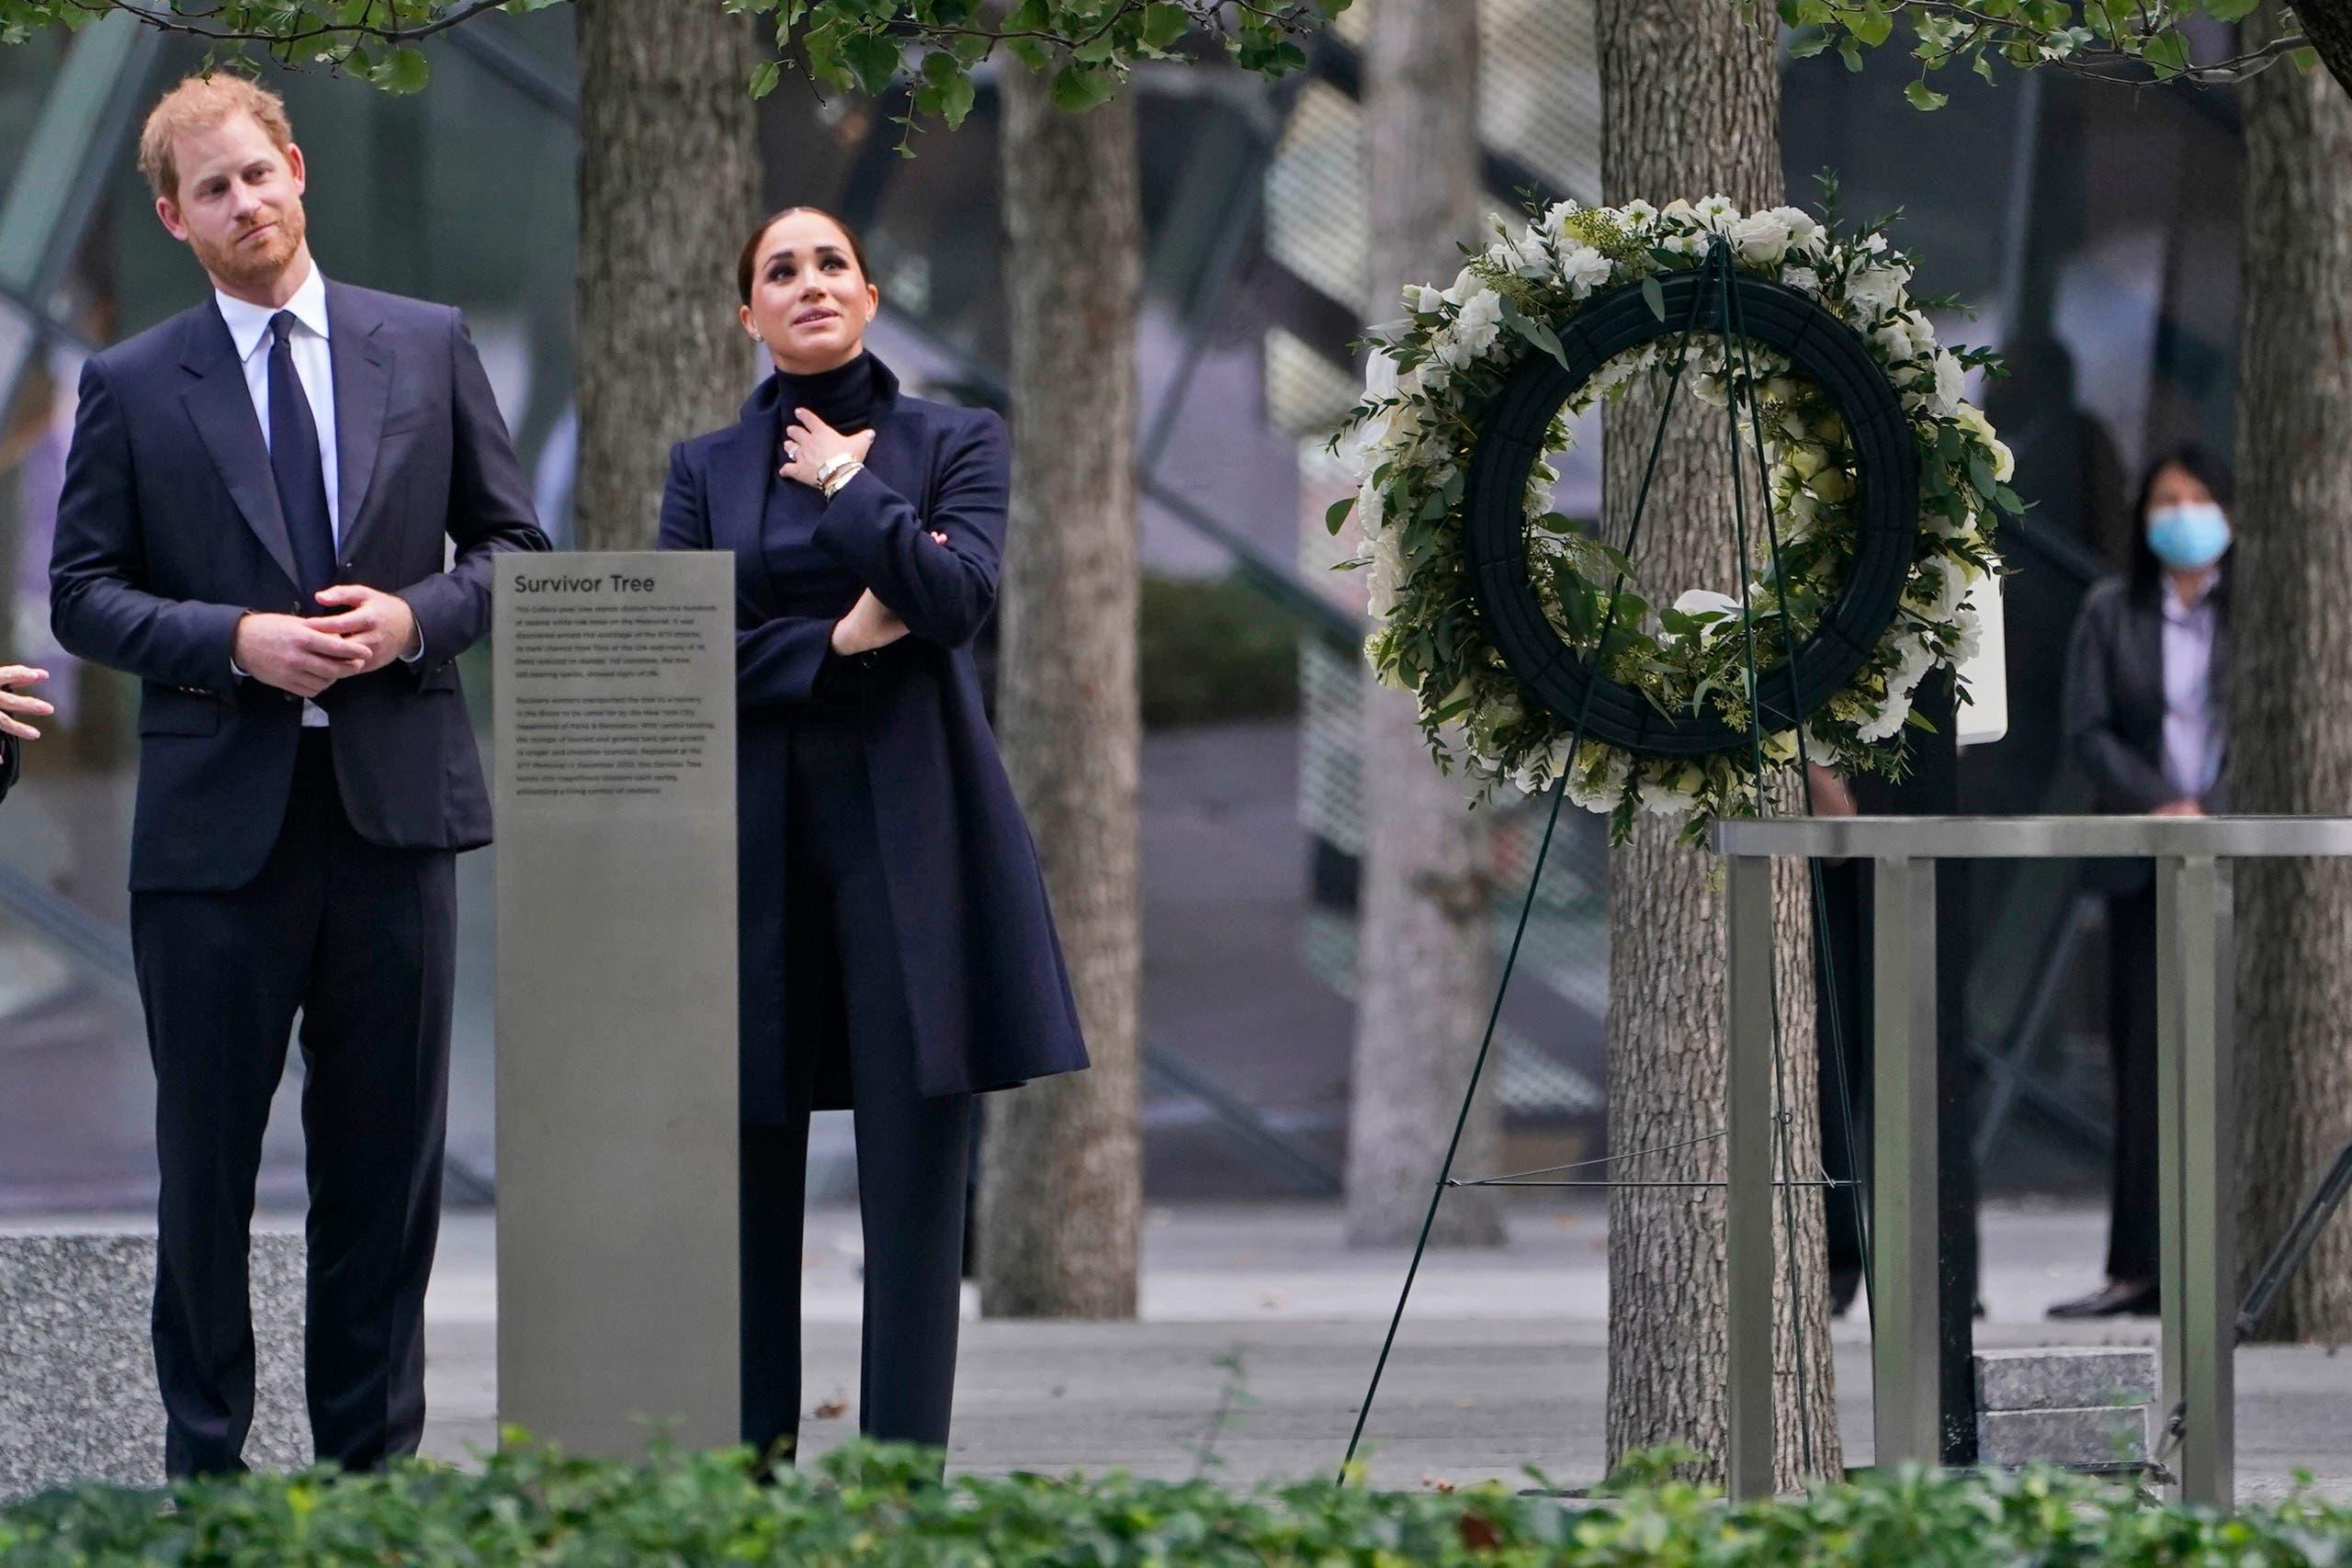 خلال زياترتهما النصب التذكاري لحوادث 11 سبتمبر